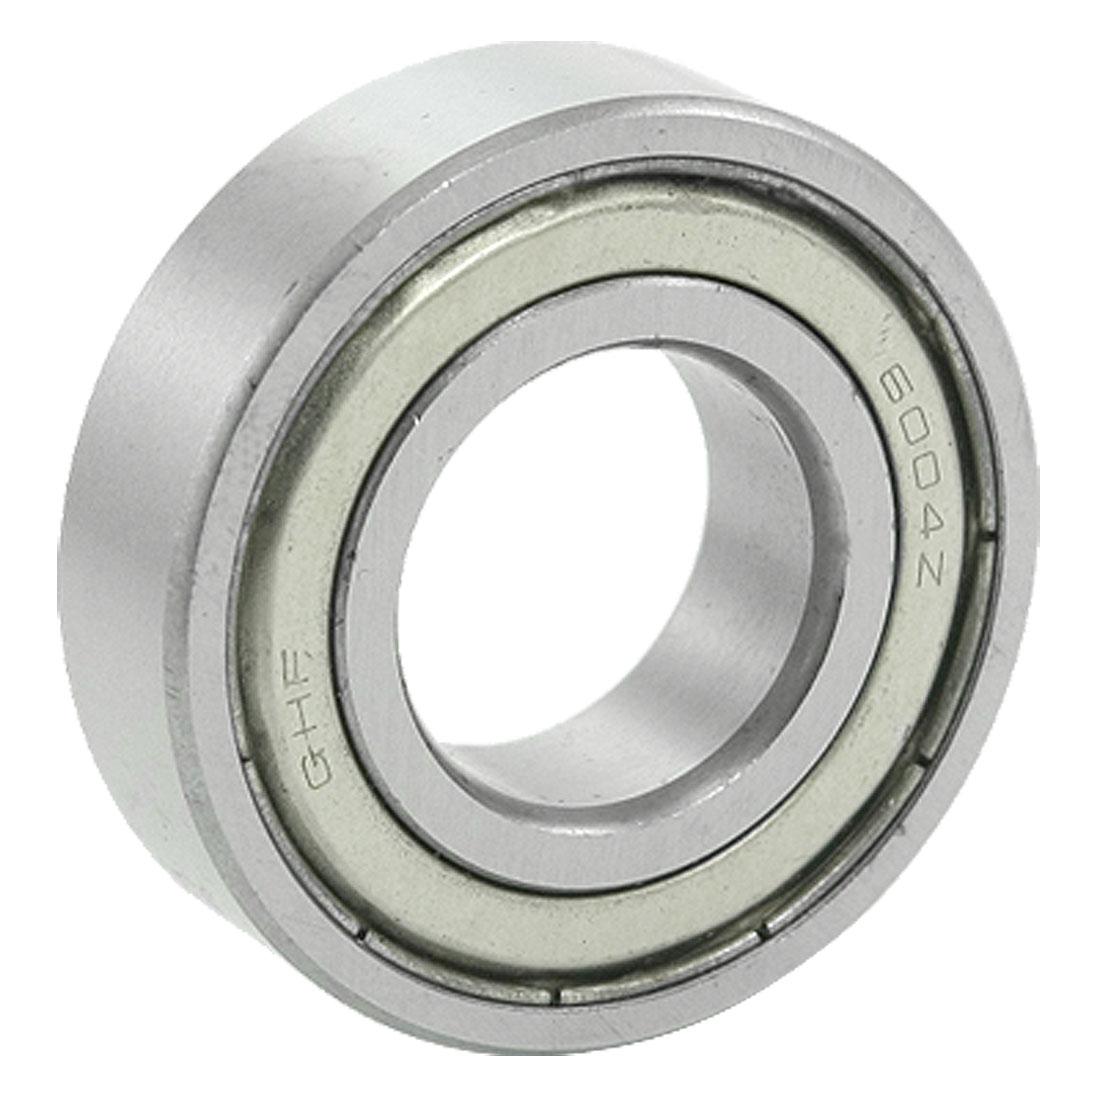 6004ZZ Metal Double Shields Ball Bearing 20mm ID 42mm OD 12mm Width for Motors